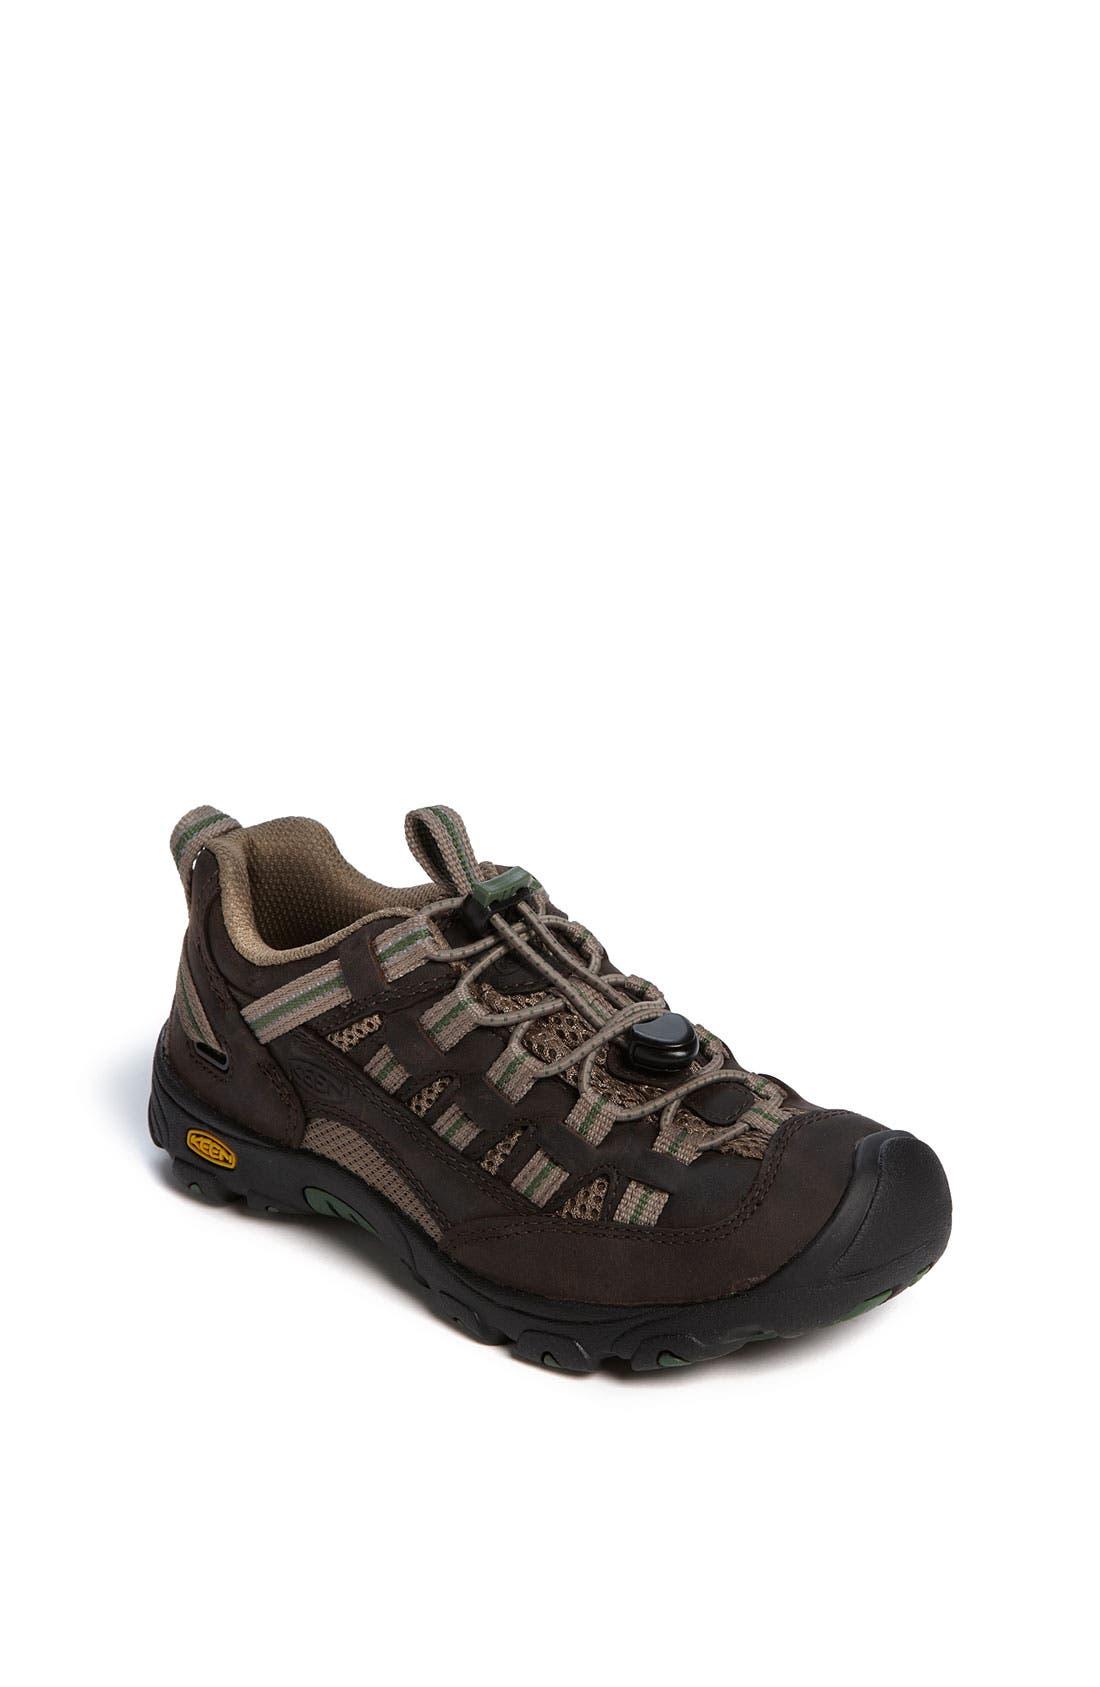 Main Image - Keen 'Alamosa' Waterproof Sneaker (Toddler, Little Kid & Big Kid)